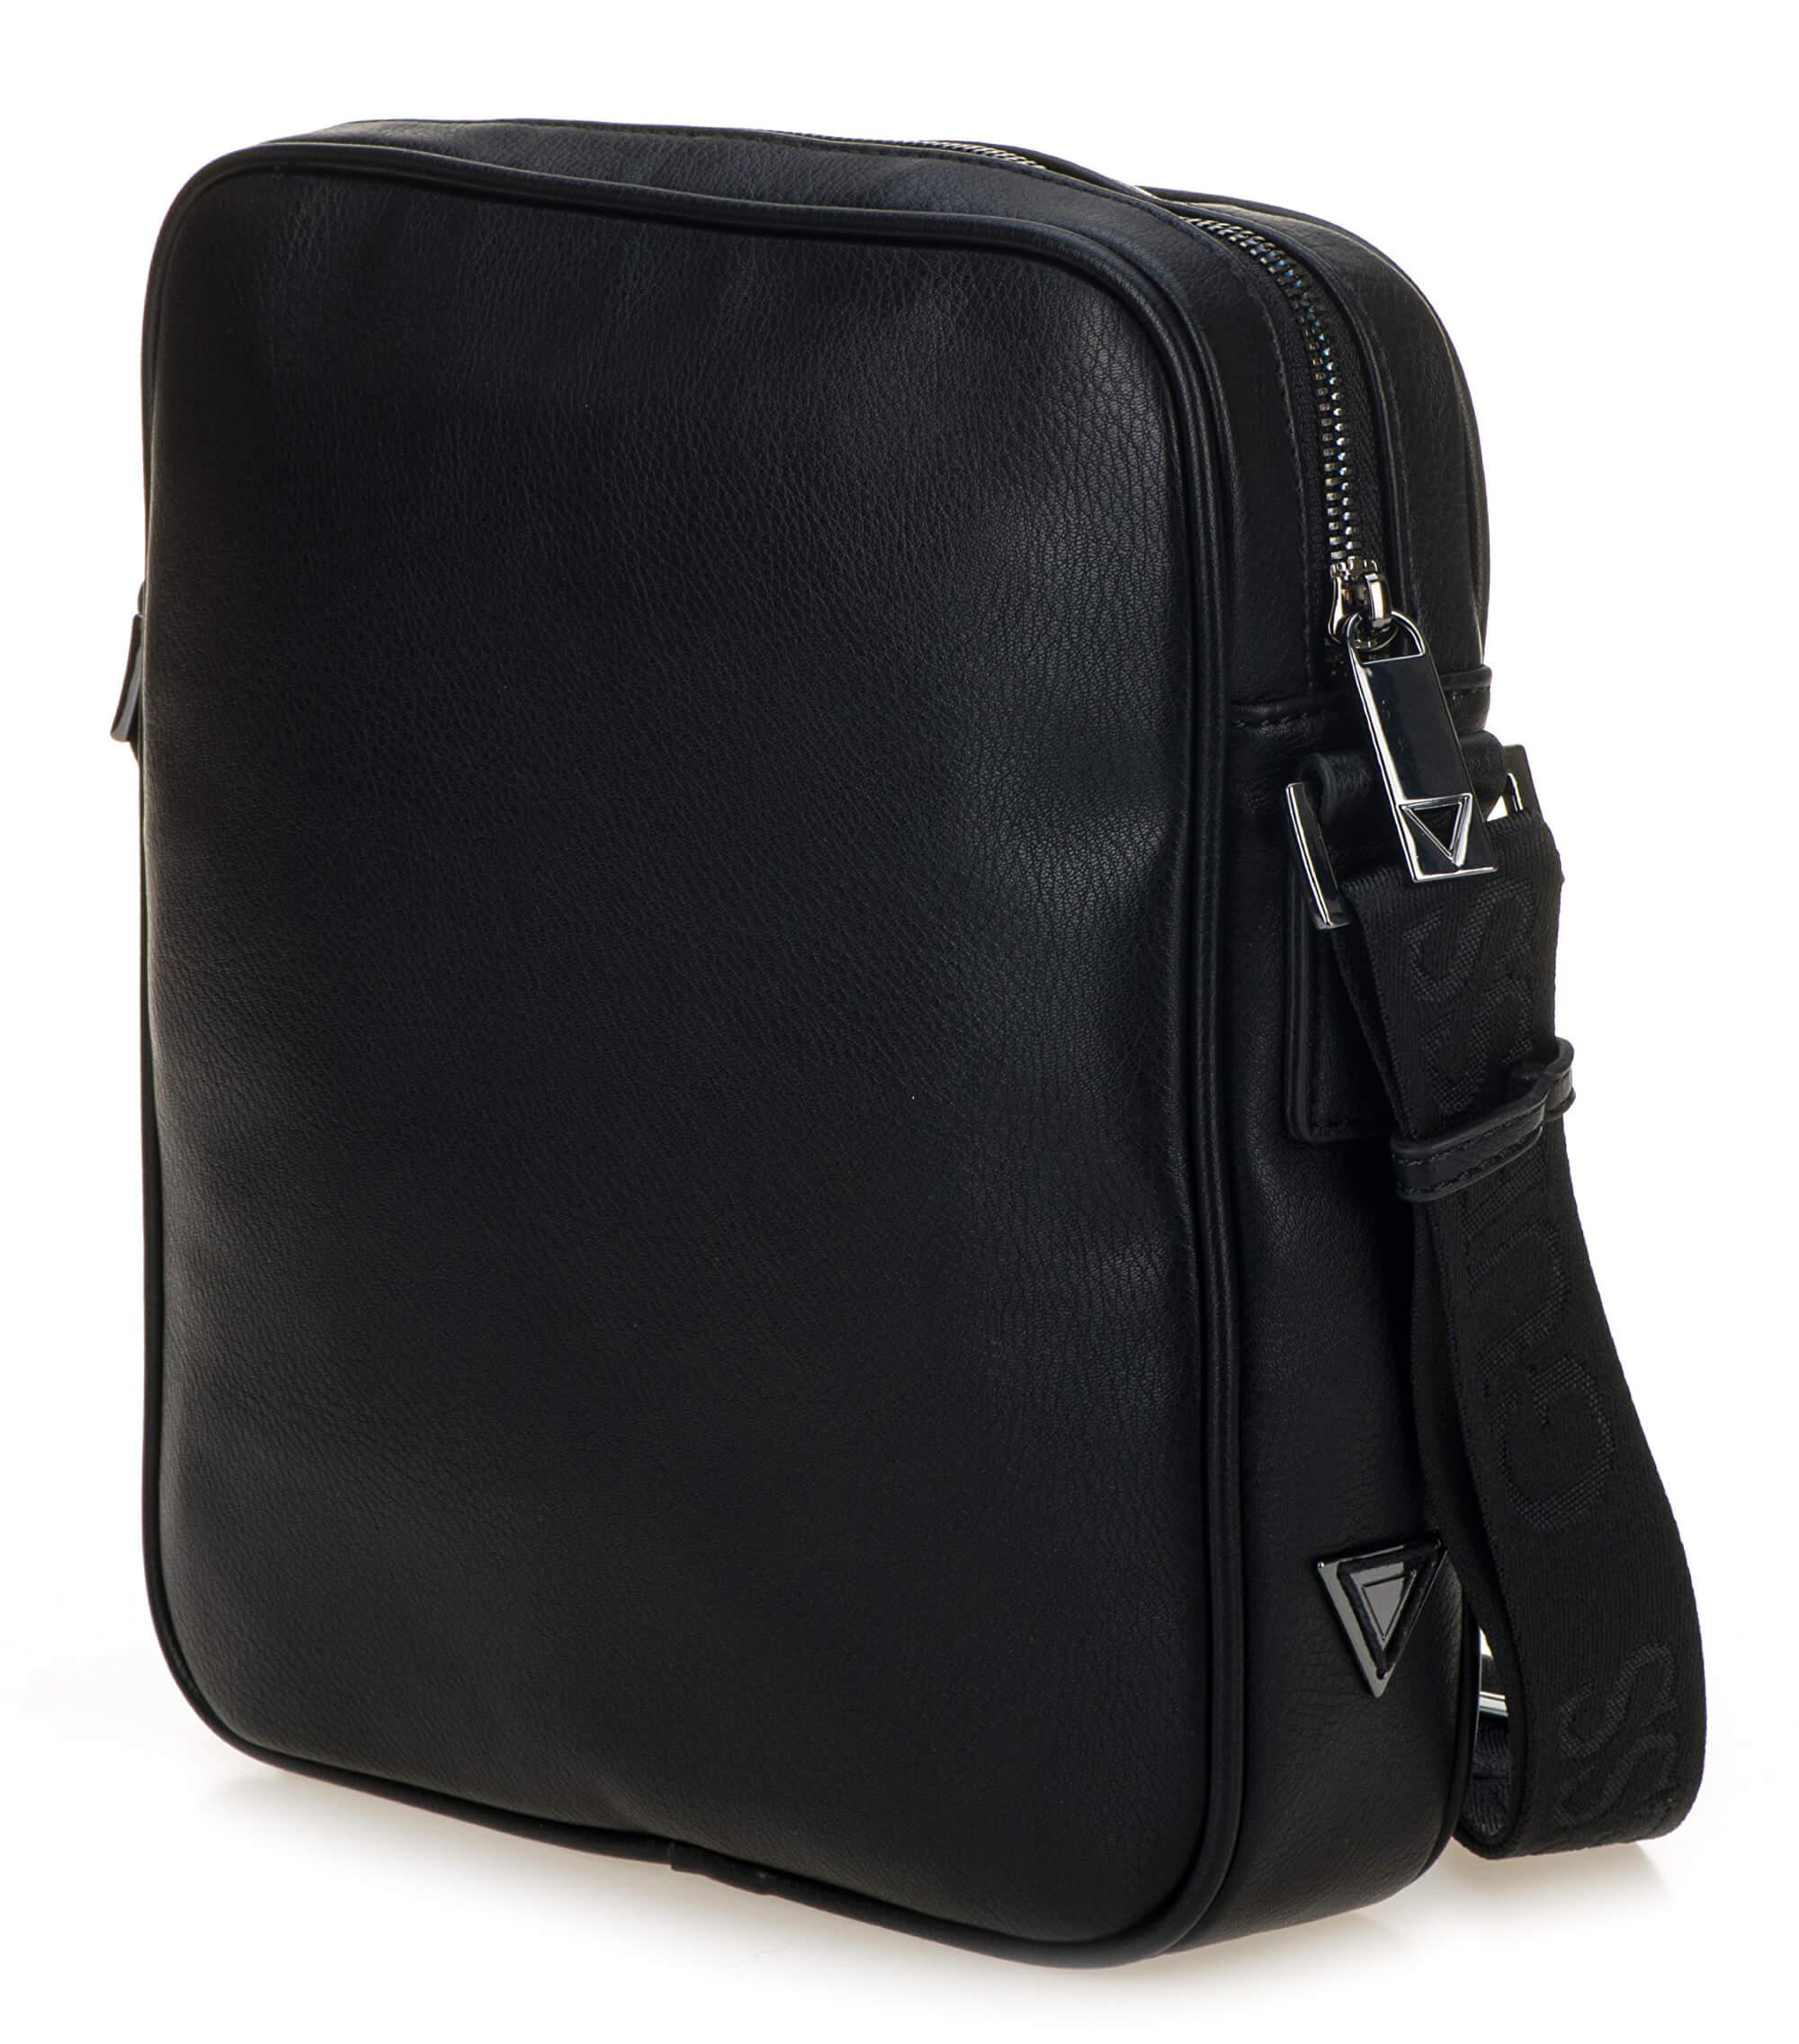 55a208c1a0 Guess Pánska taška City Top Zip Crossbody HM6536 Black Doprava ...